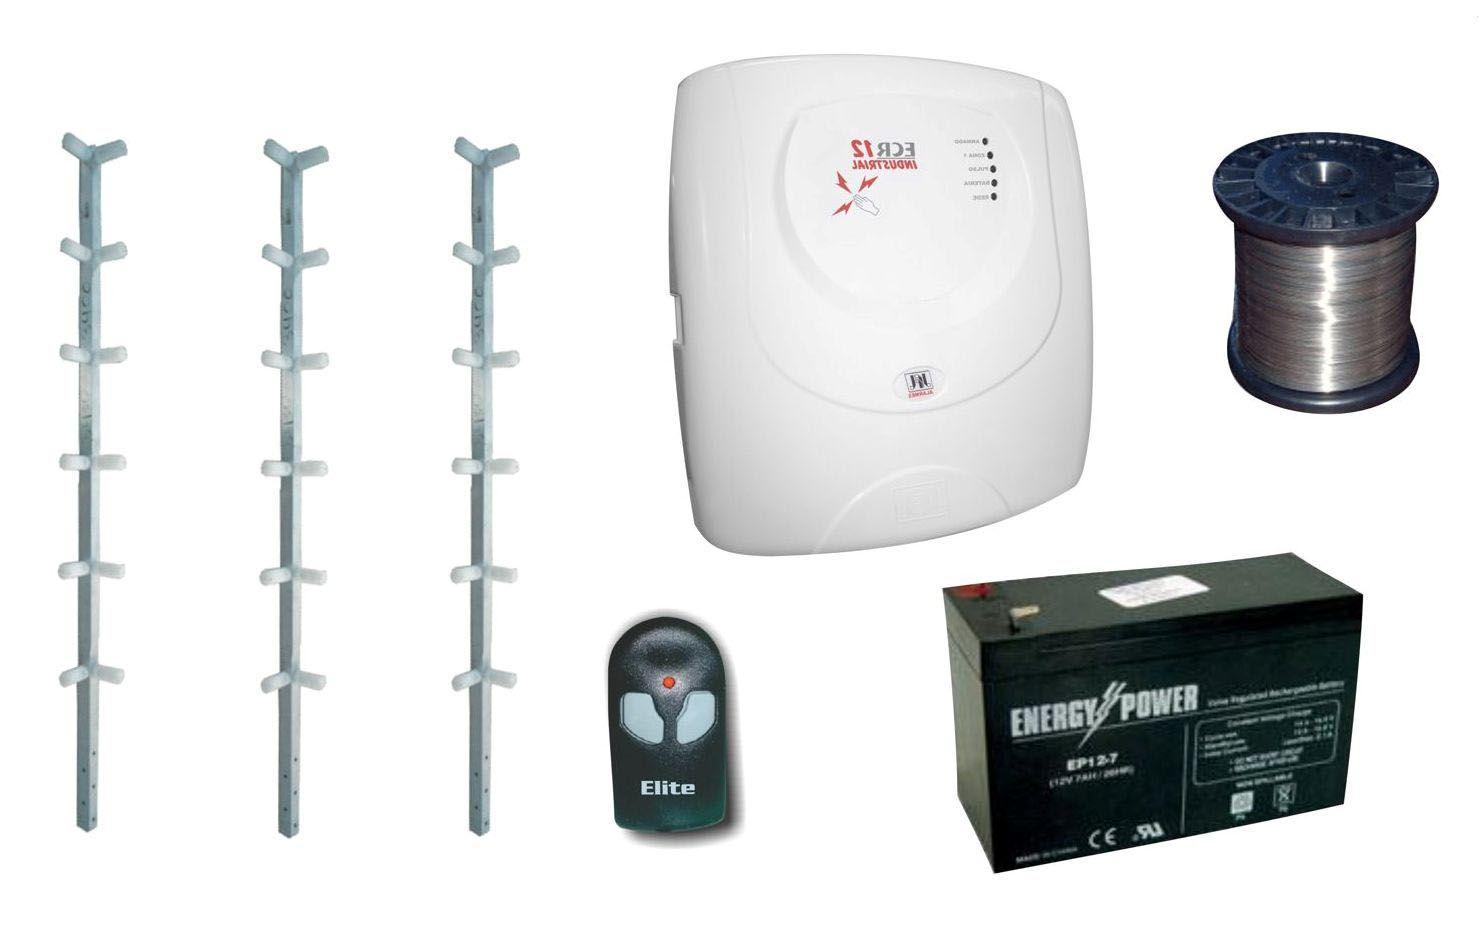 Equipamentos necessários para a instalação de um sistema de cerca eletrificada